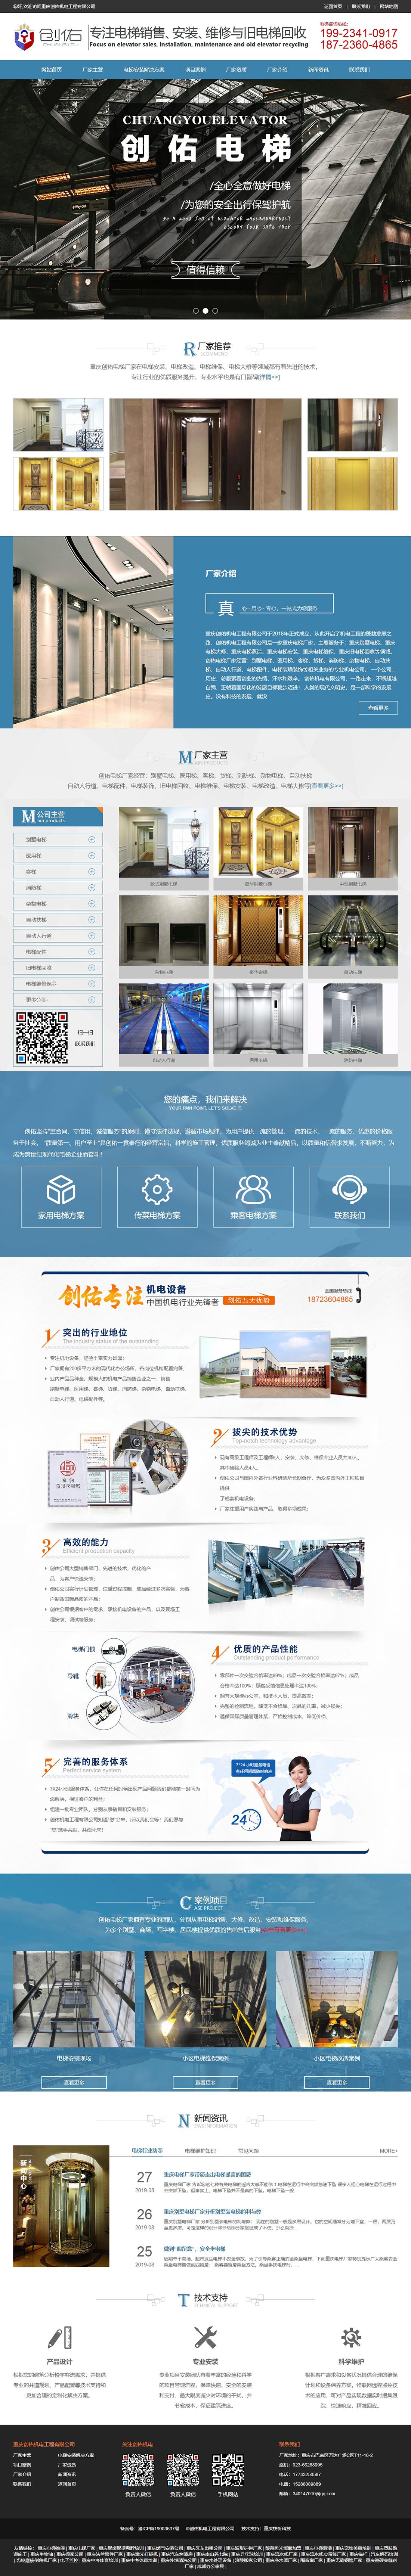 重庆创佑机电工程有限公